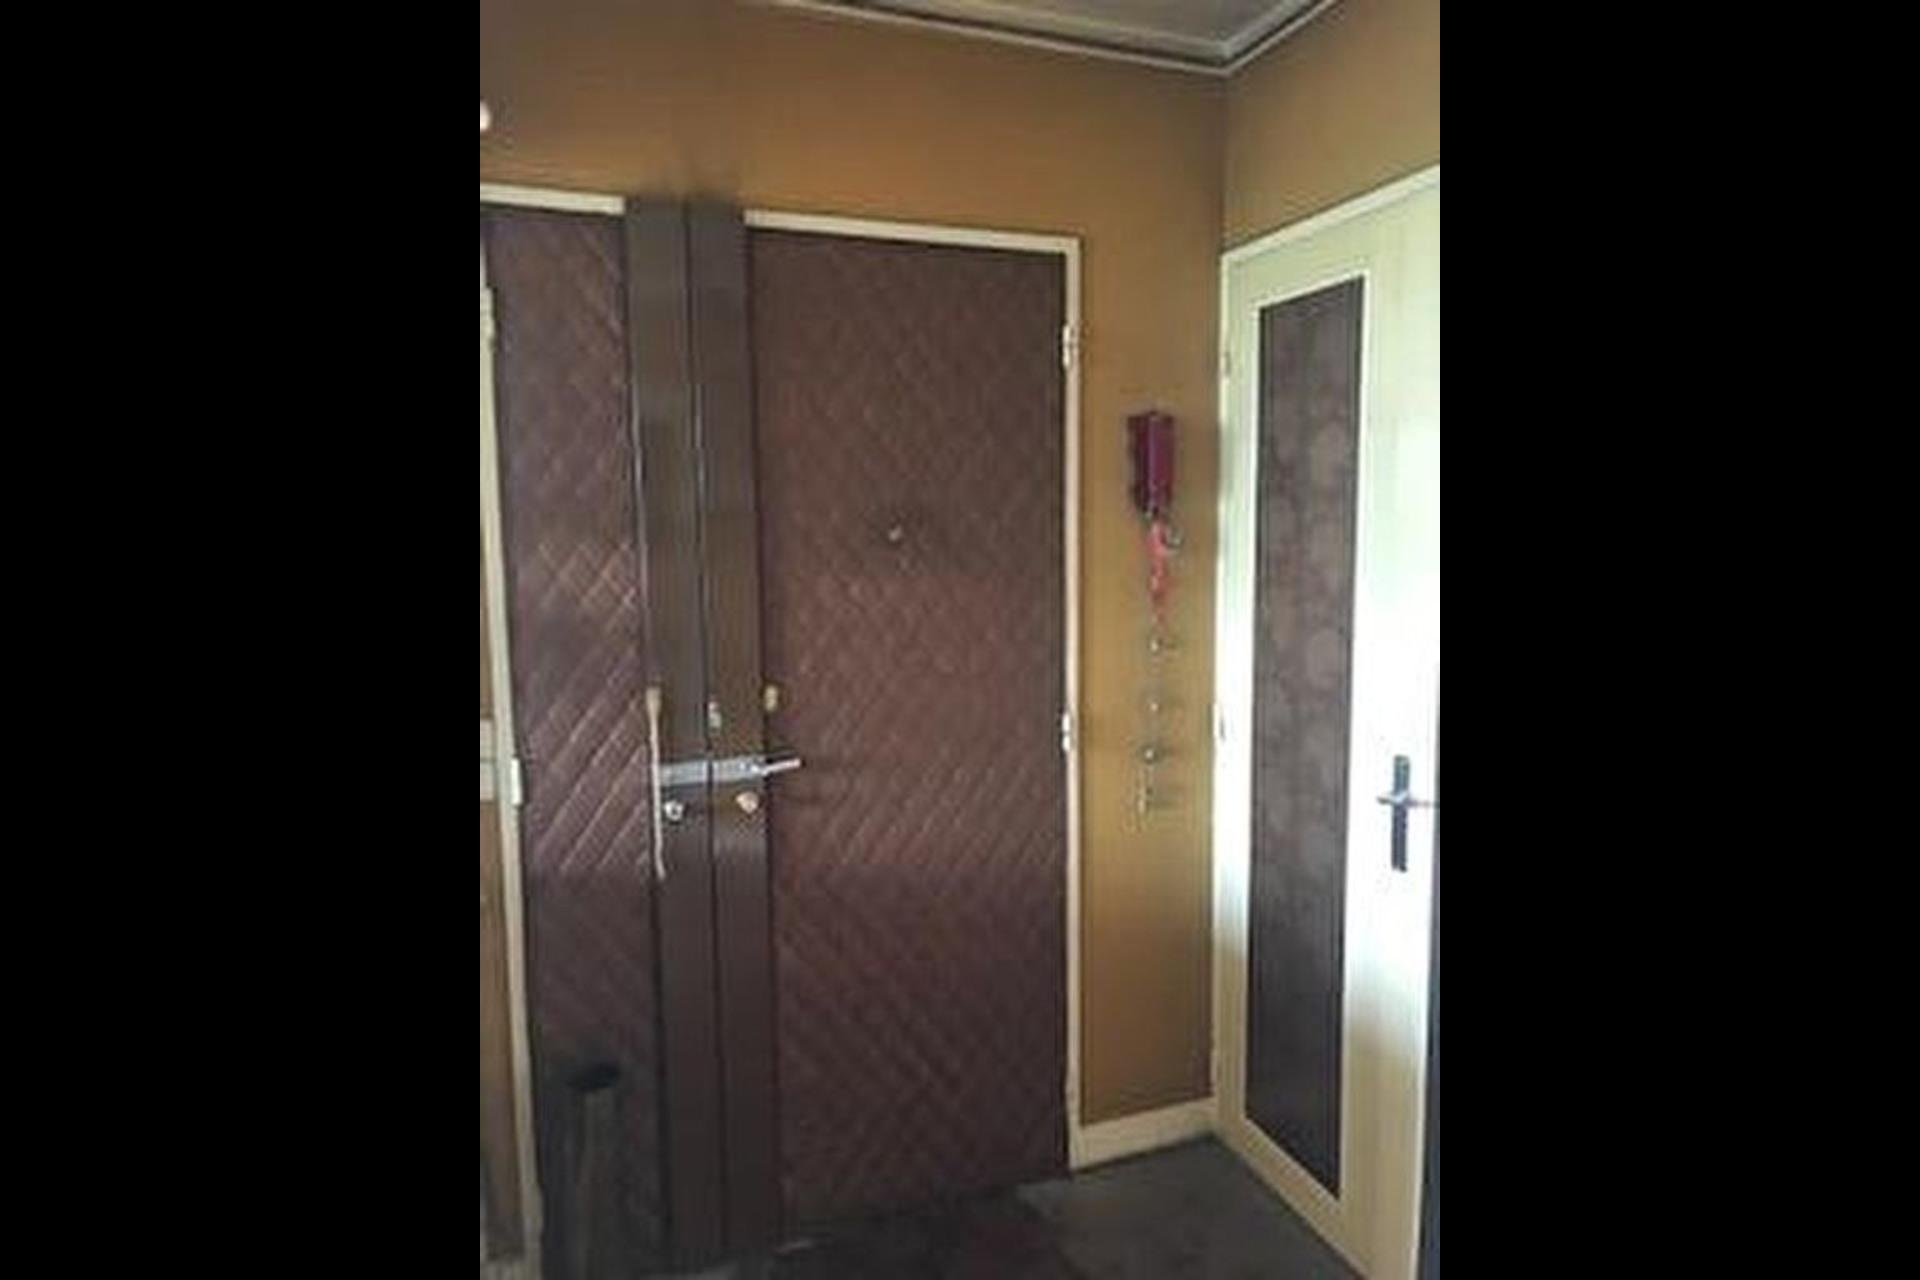 image 7 - Appartement À vendre saint germain en laye - 5 pièces